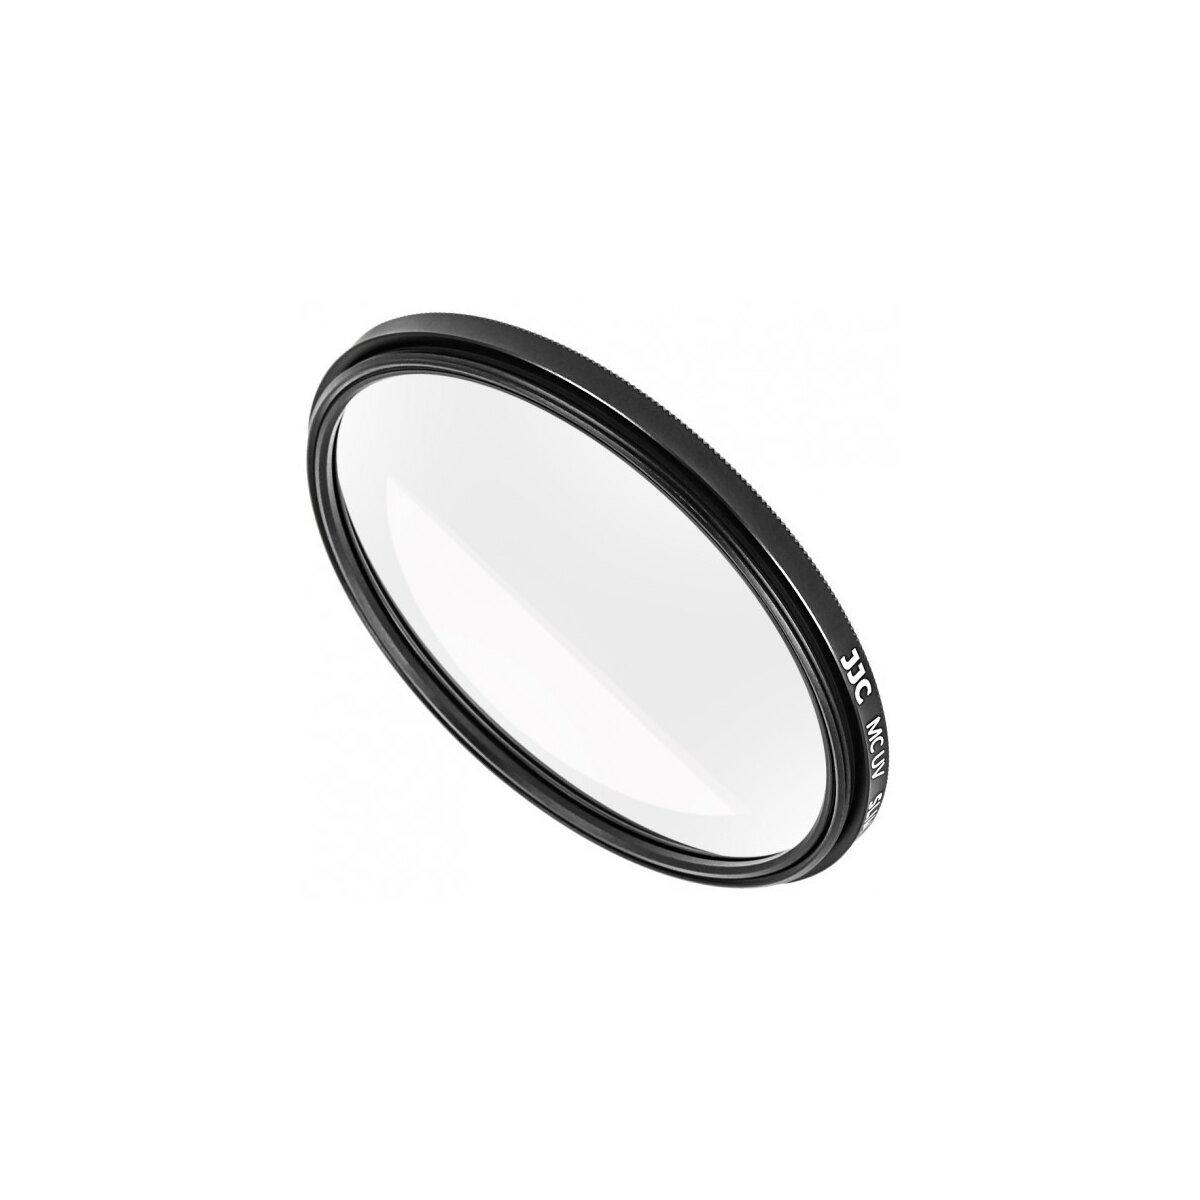 Ultra Flacher UV-Filter Schutzfilter fuer Objektive mit 52 mm Filtergewinde - reduziert stoerenden Dunst und schuetzt ihr wertvolles Objektiv